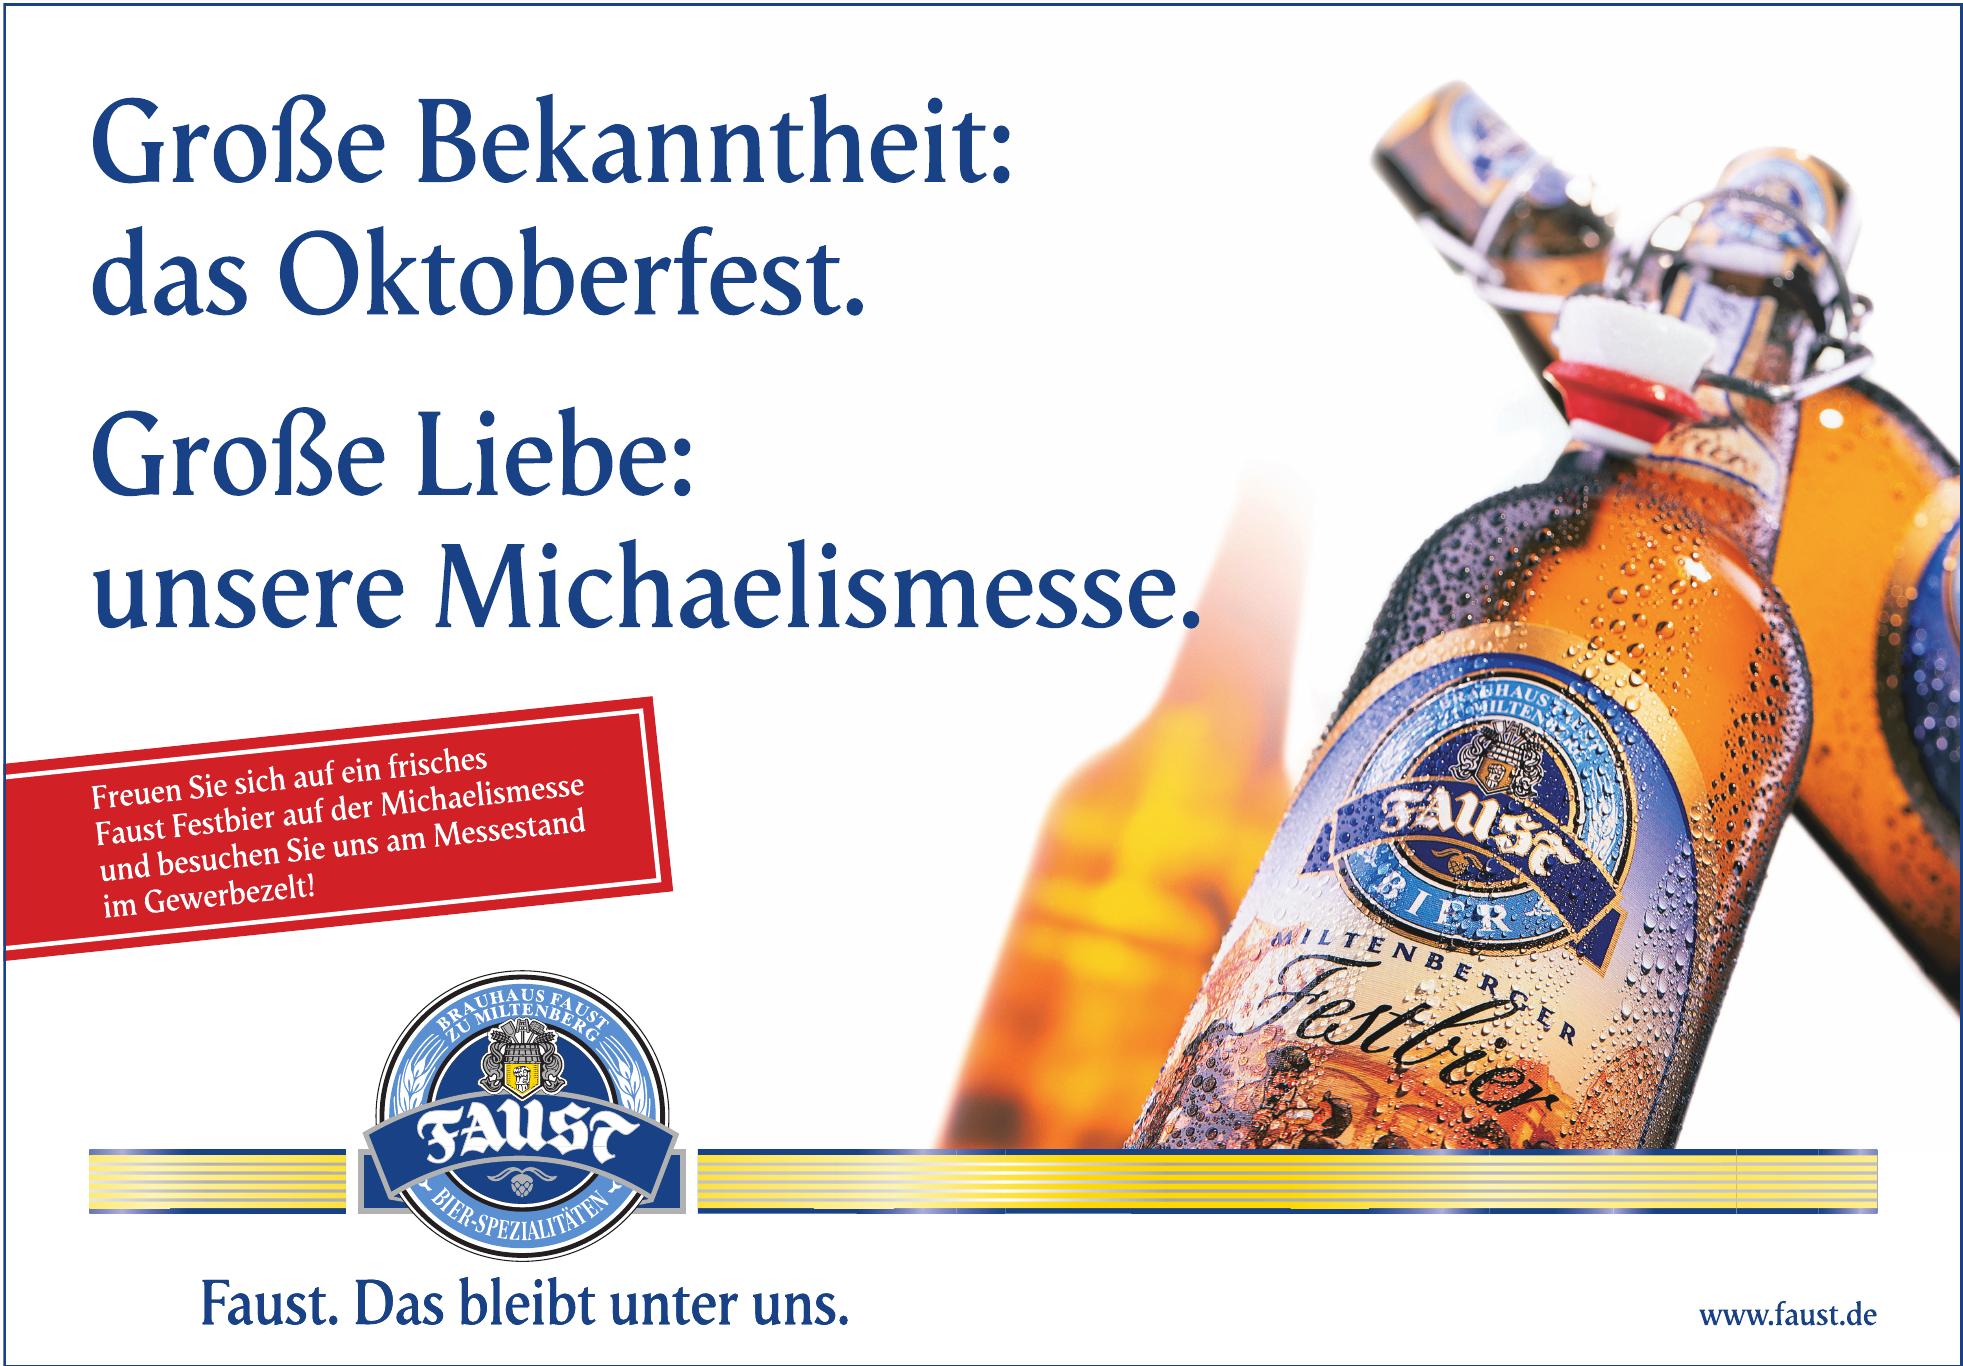 Brauhaus Faust zu Miltenberg